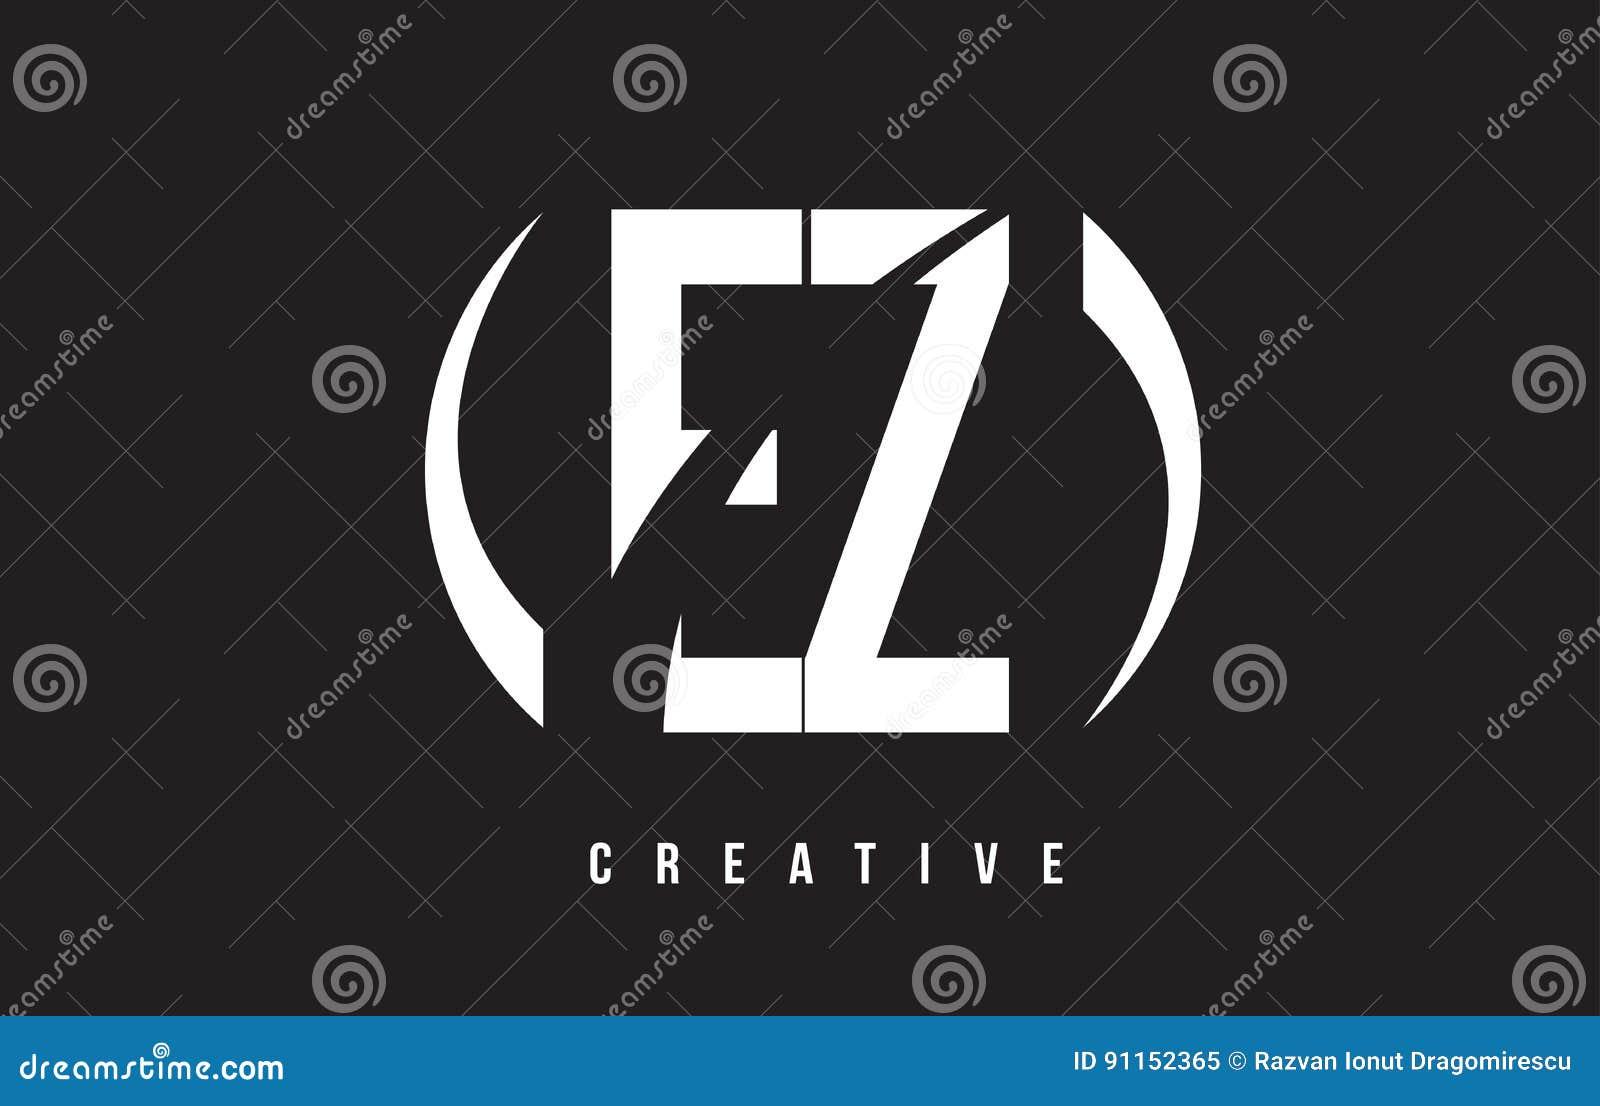 ez e z white letter logo design with black background stock vector